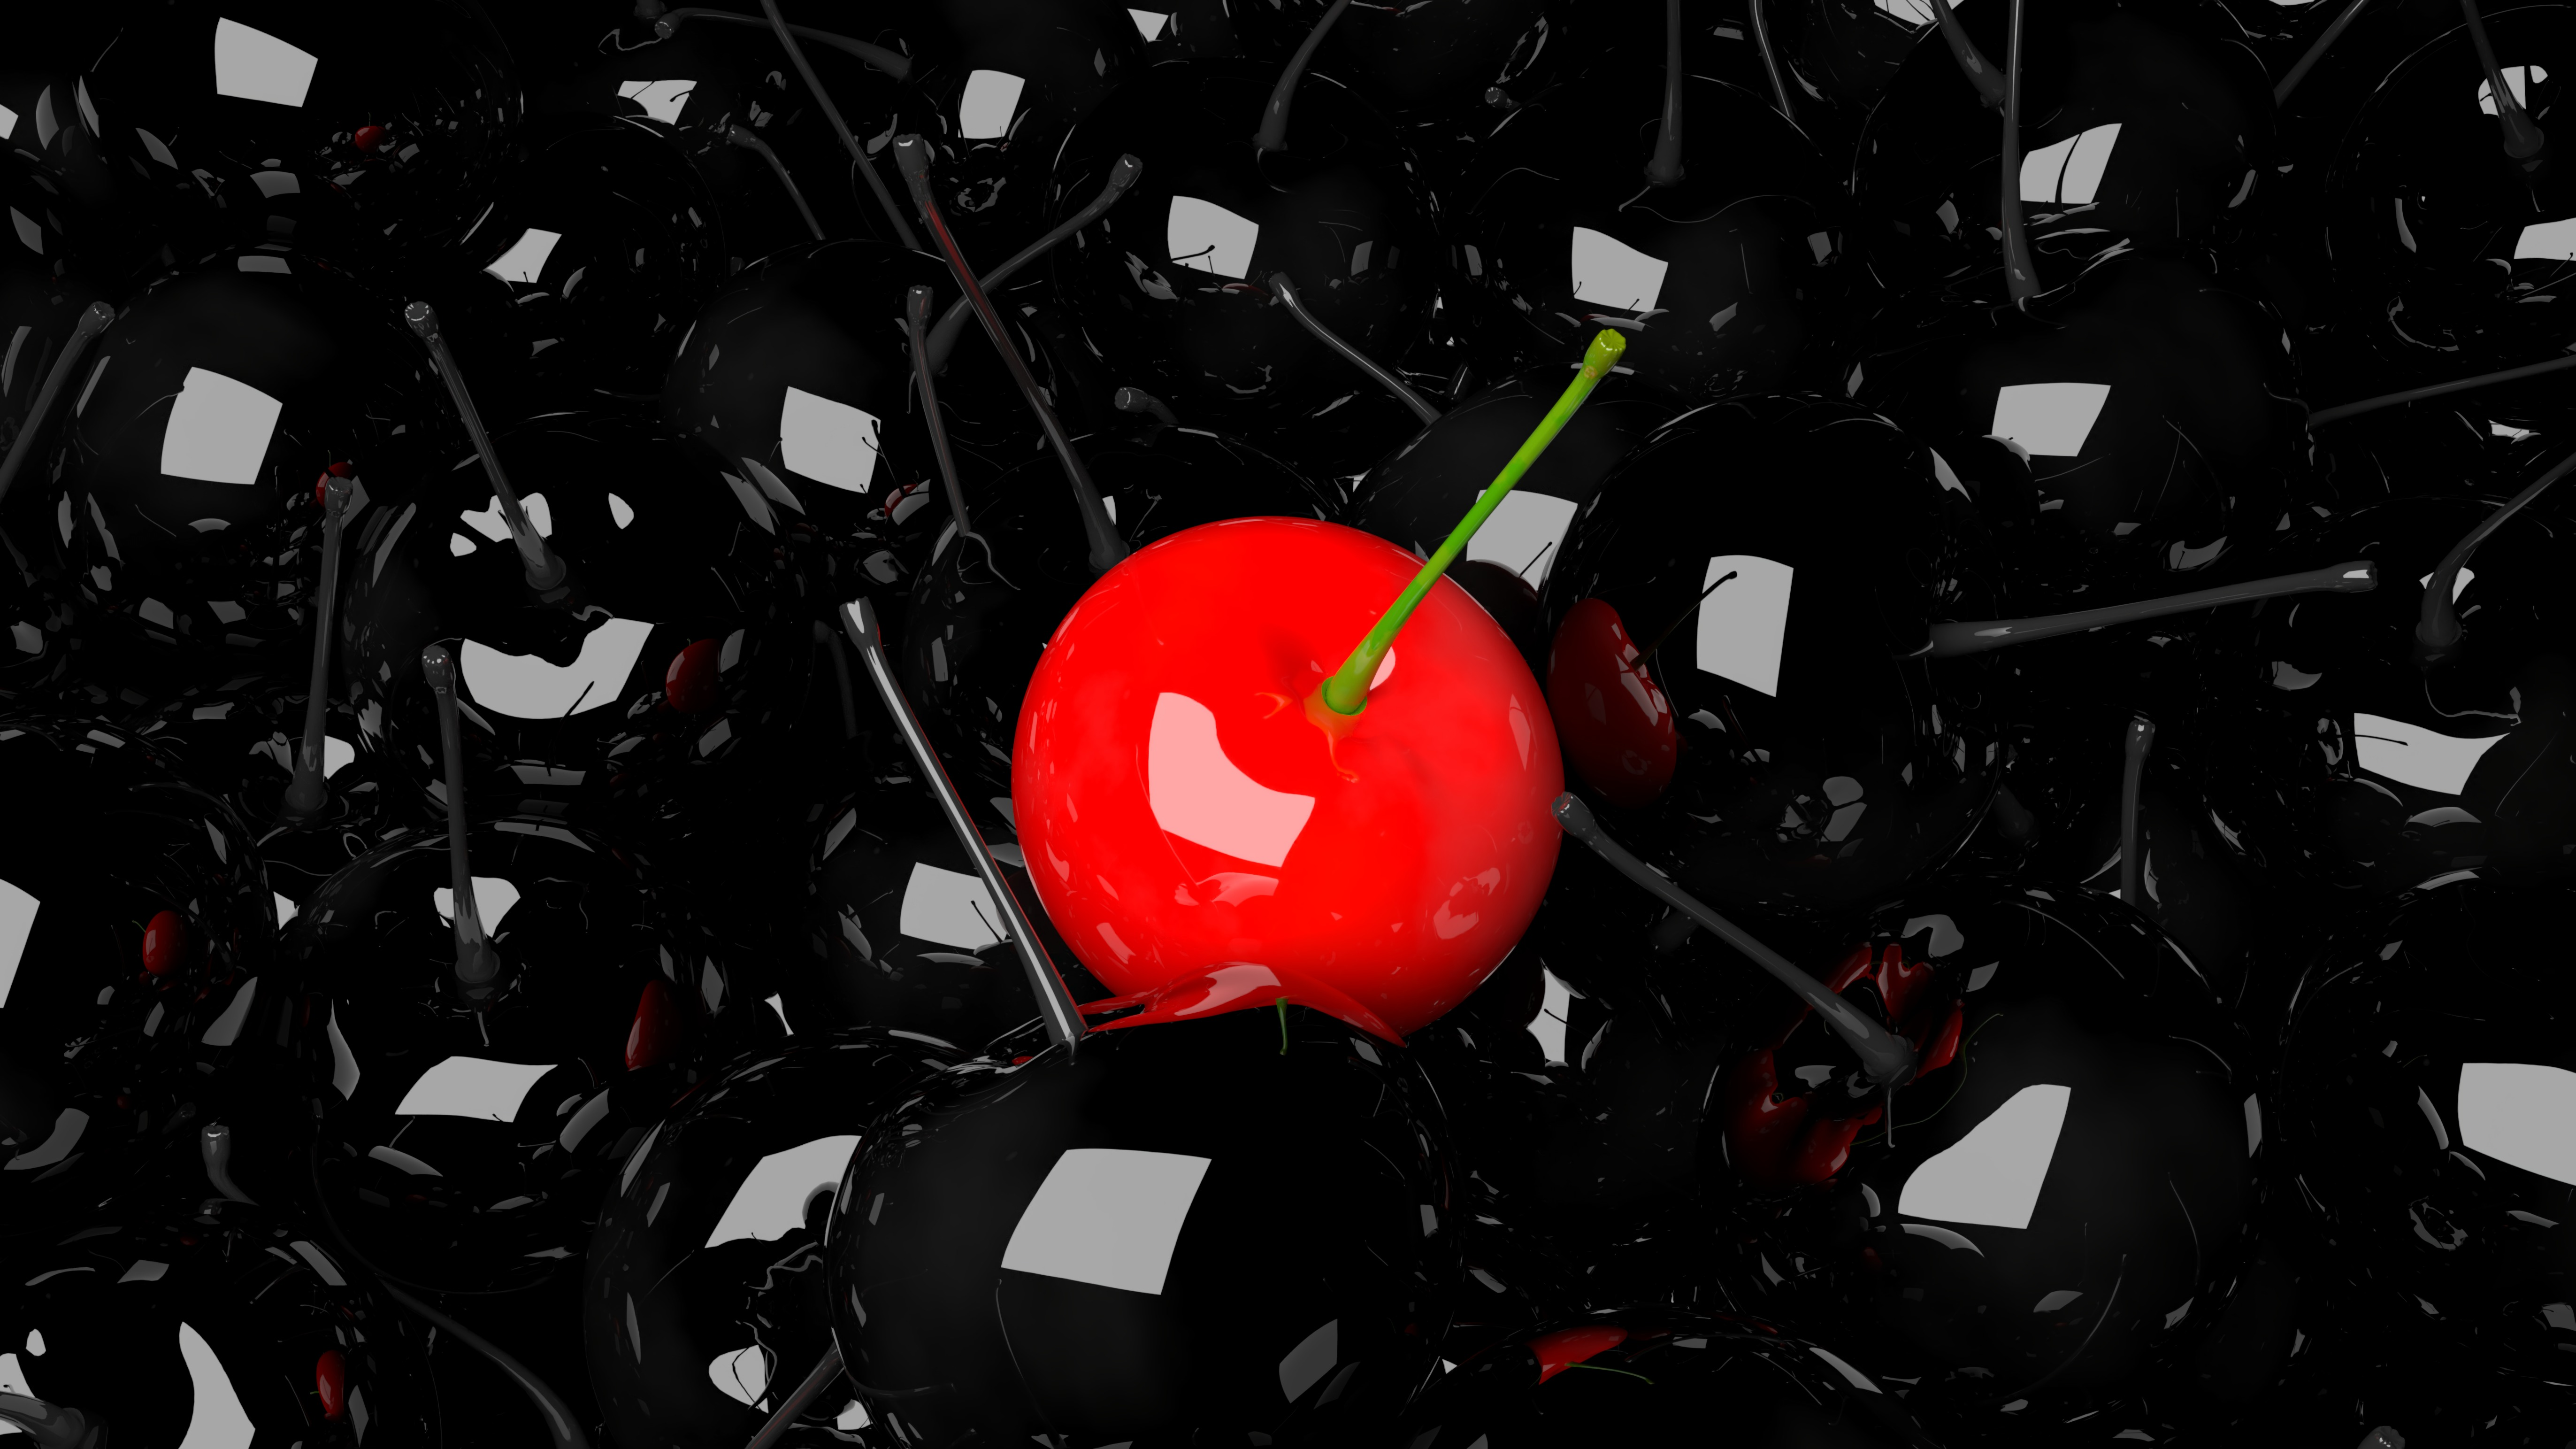 134480 Заставки и Обои Вишня на телефон. Скачать 3D, Вишня, Ягода, Красный, Черный картинки бесплатно